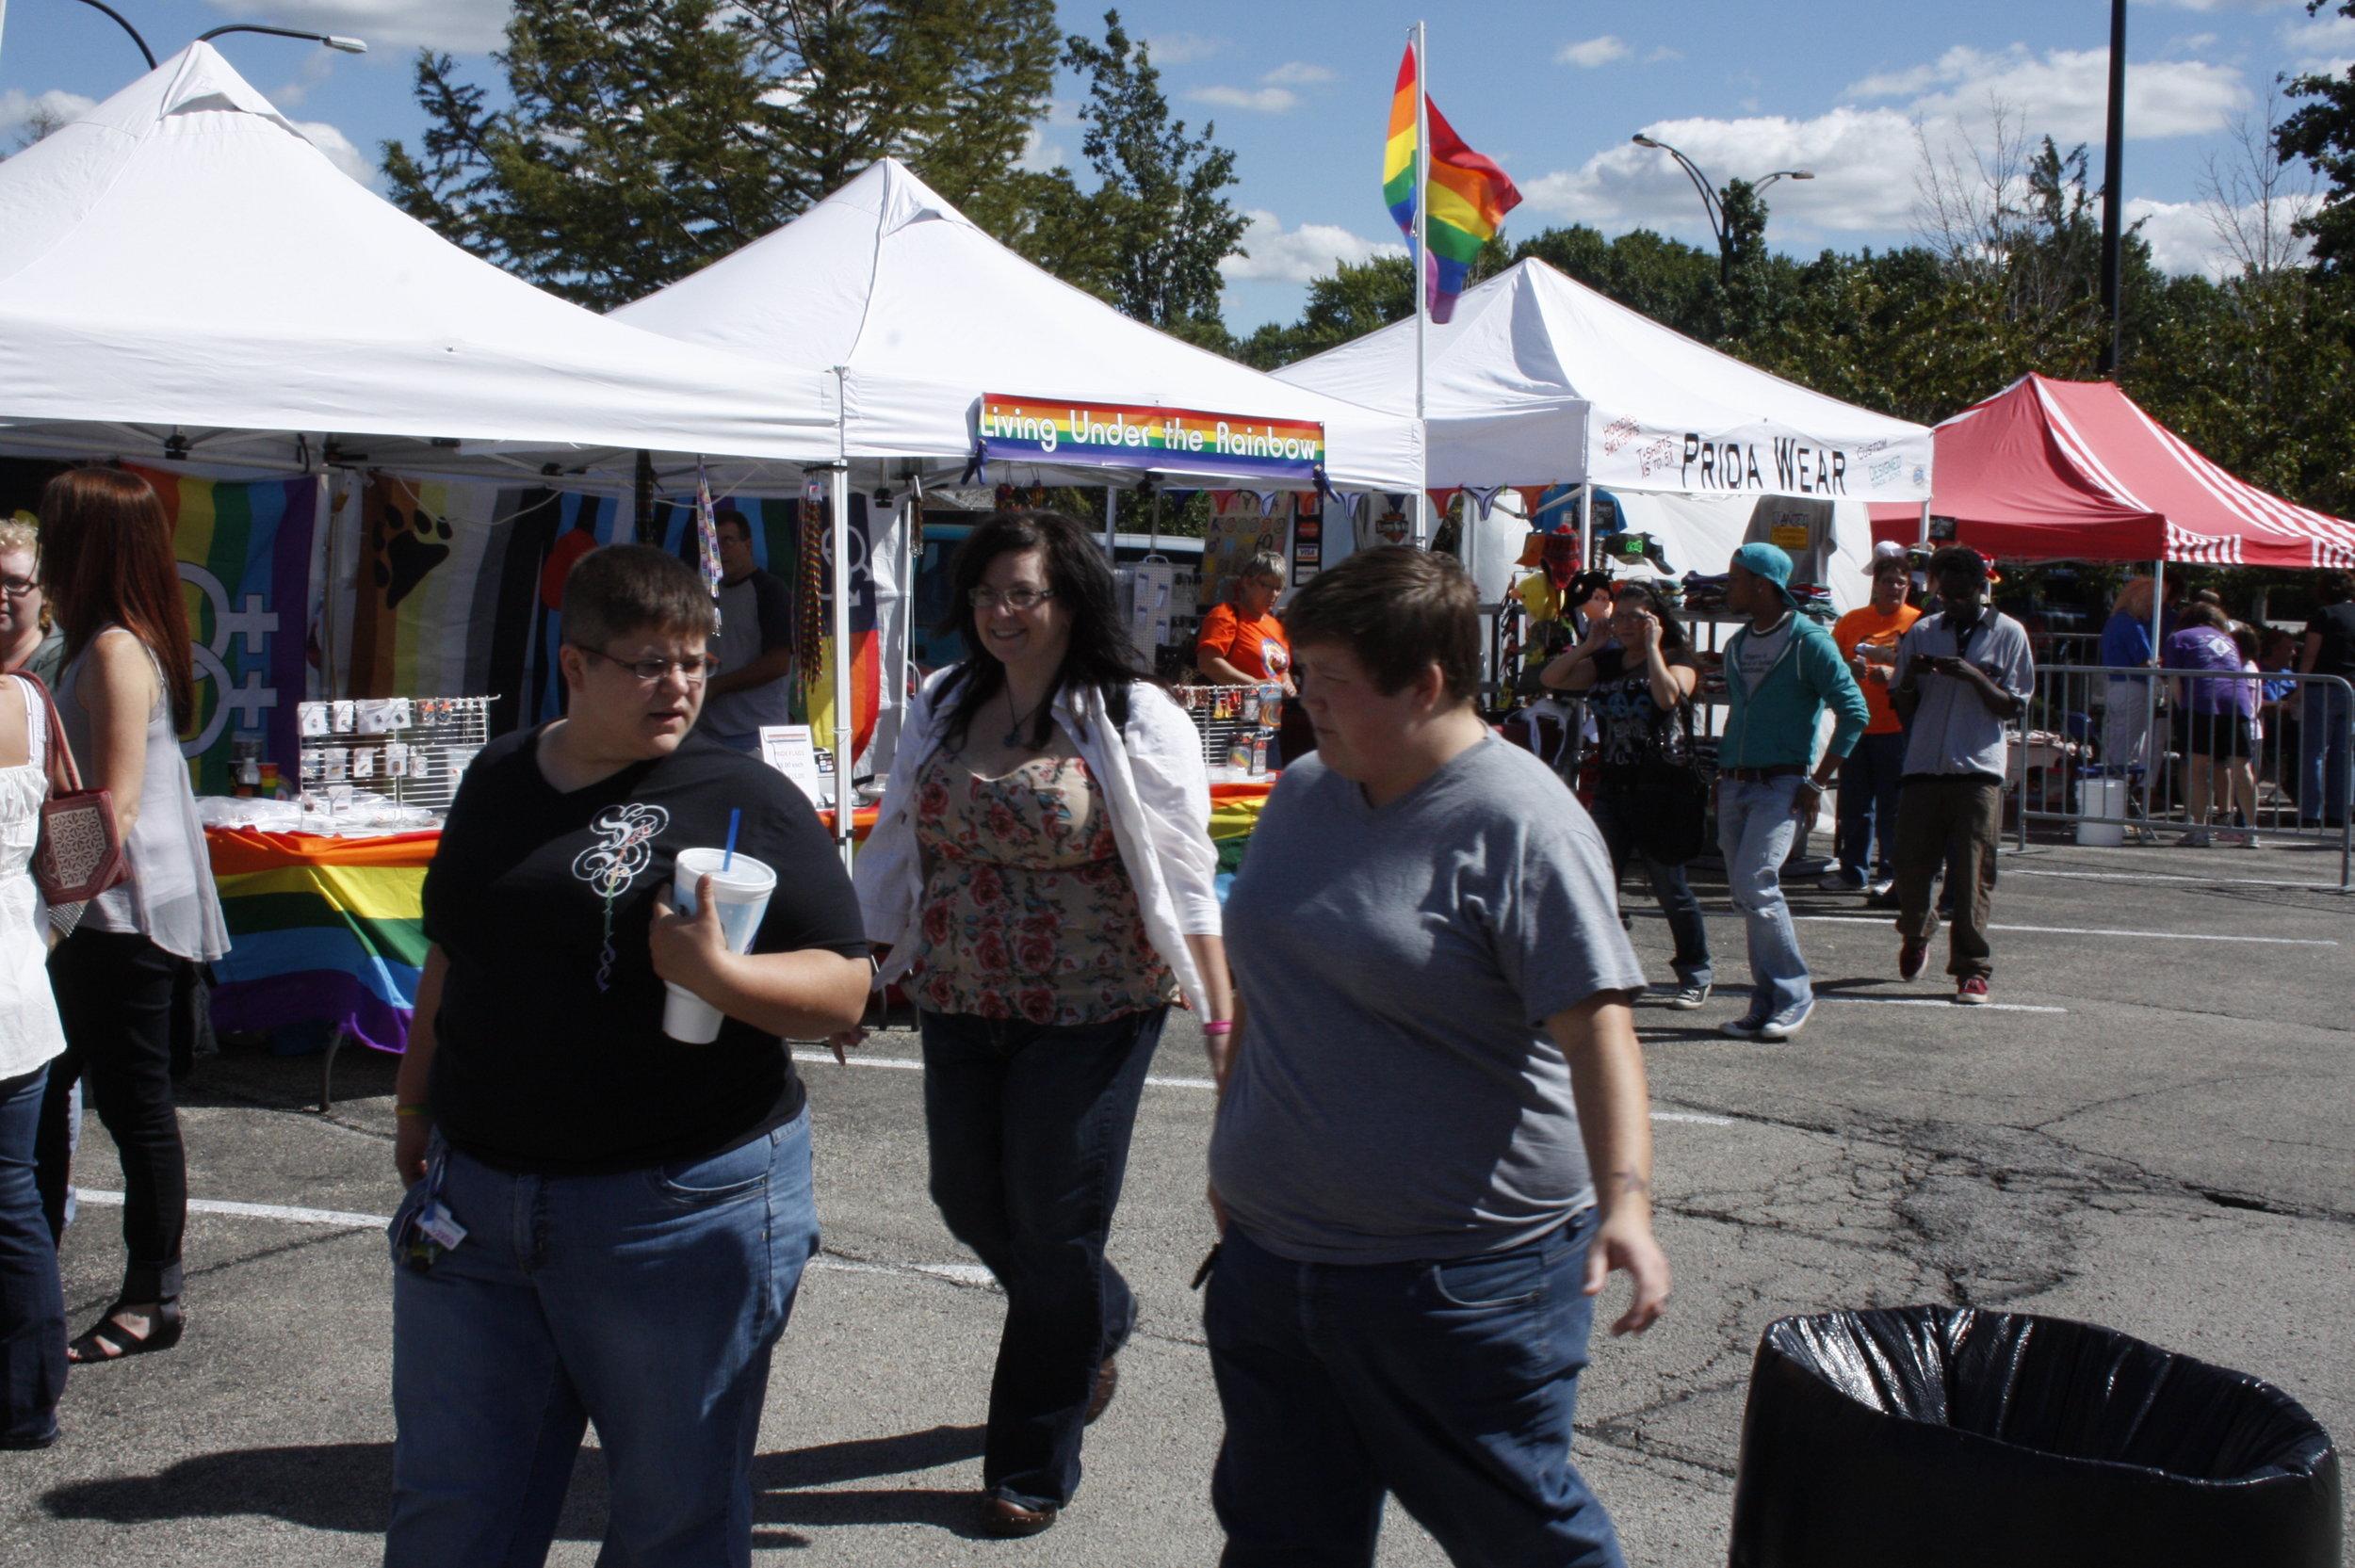 pridefest201220120908_0032.JPG